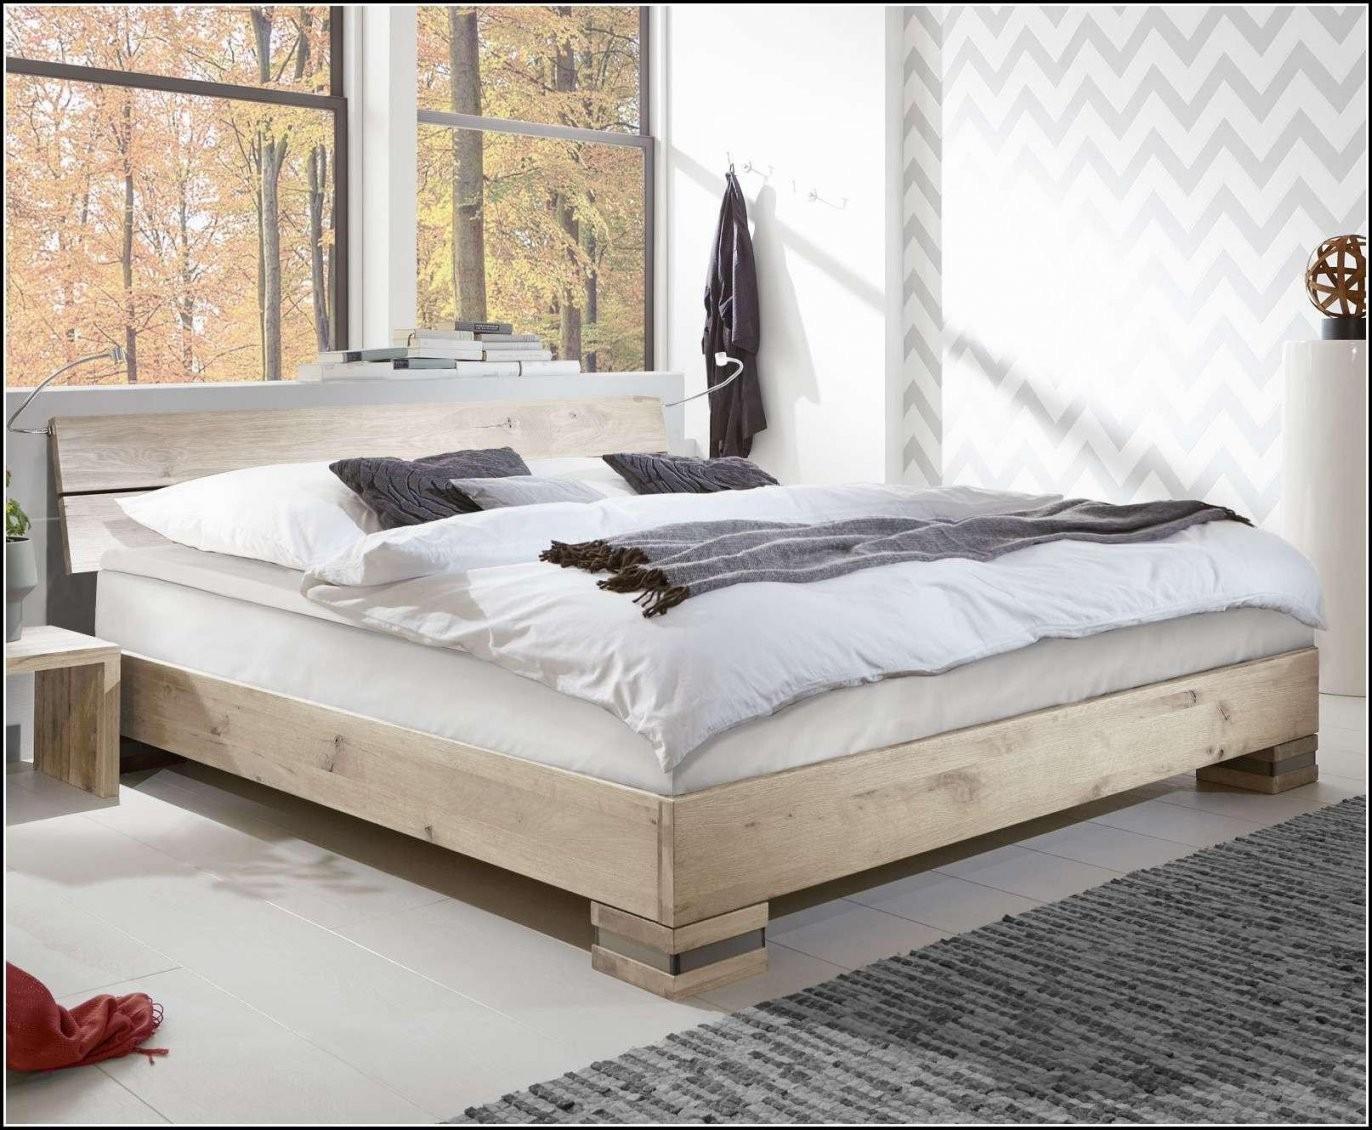 50 Schön Bett 120×200 Mit Matratze Und Lattenrost  Huambodigital von Bett 120X200 Mit Matratze Und Lattenrost Photo